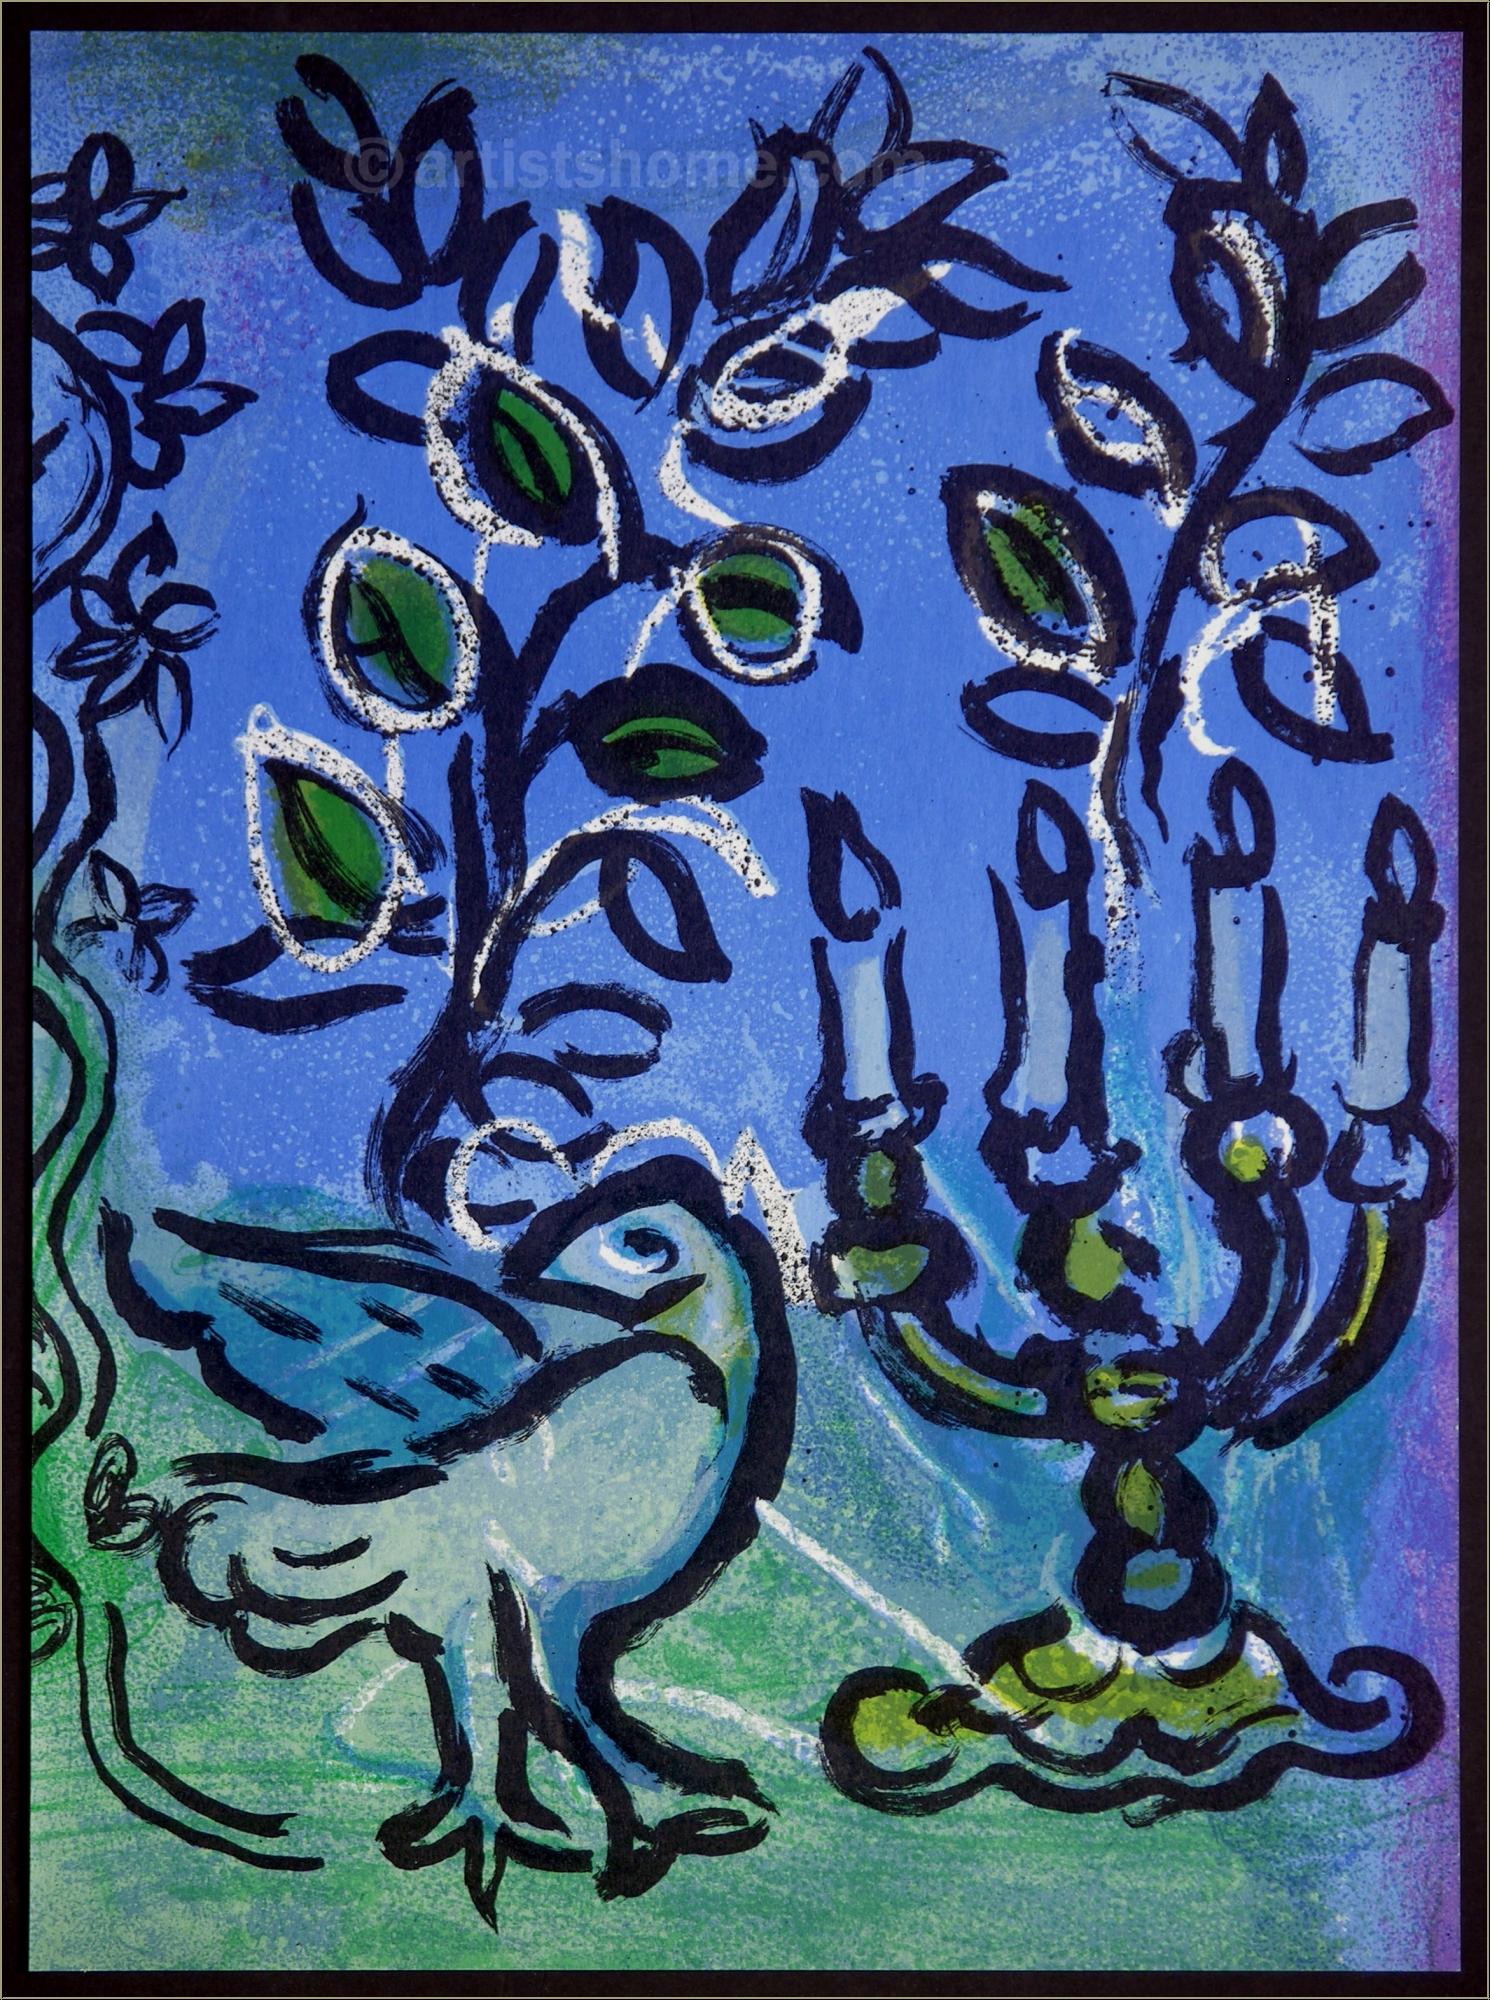 marc chagall le chandelier 1962 lithographie vitraux pour j rusalem acheter des estampes. Black Bedroom Furniture Sets. Home Design Ideas